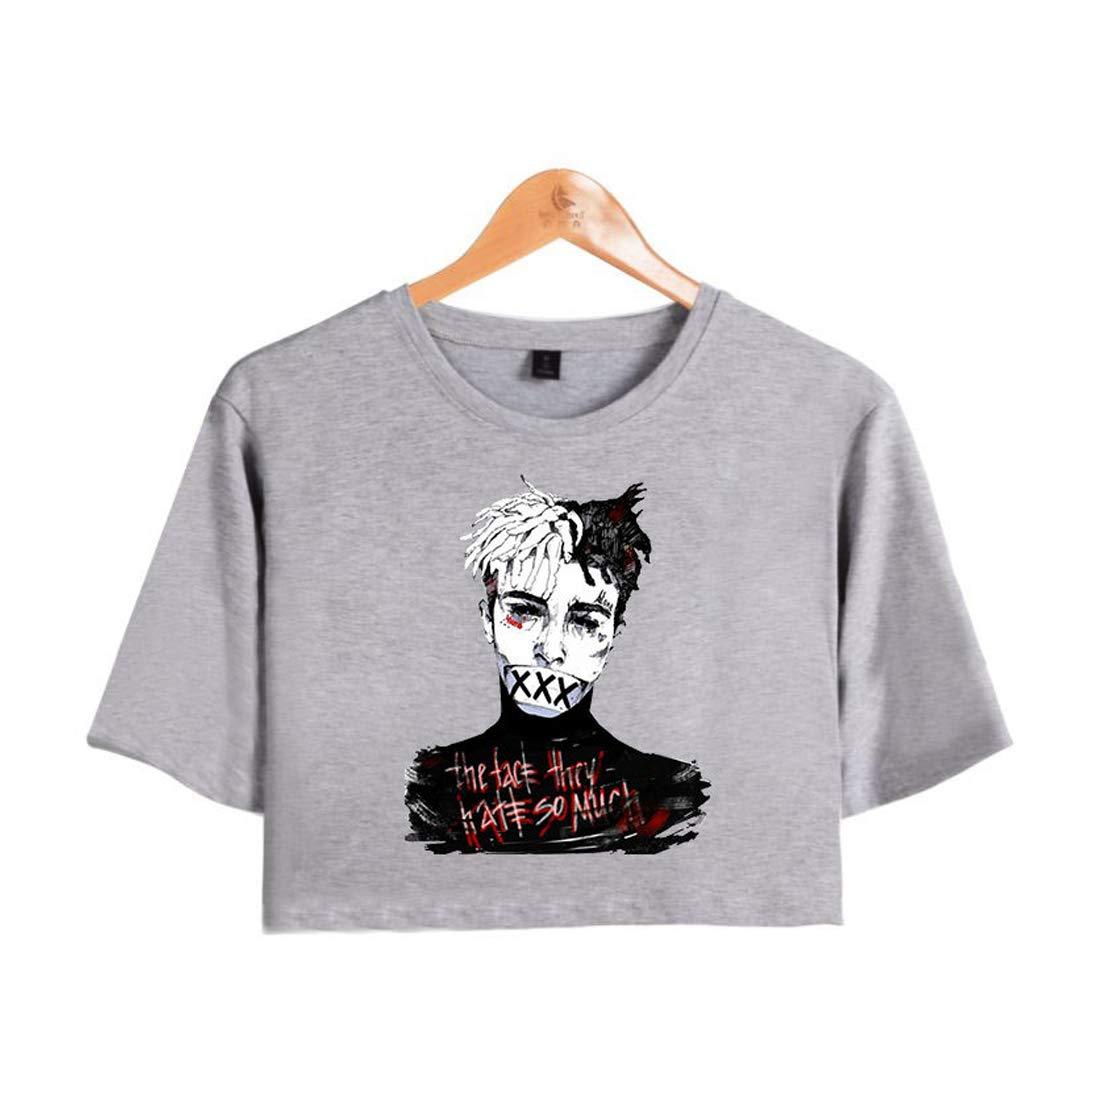 APHT Hommes Femmes Xxxtentacion T-Shirt Printemps /ét/é 100/% Coton d/ét/é Col Rond Cool Rapper Streetwear Shirt Manches Courtes